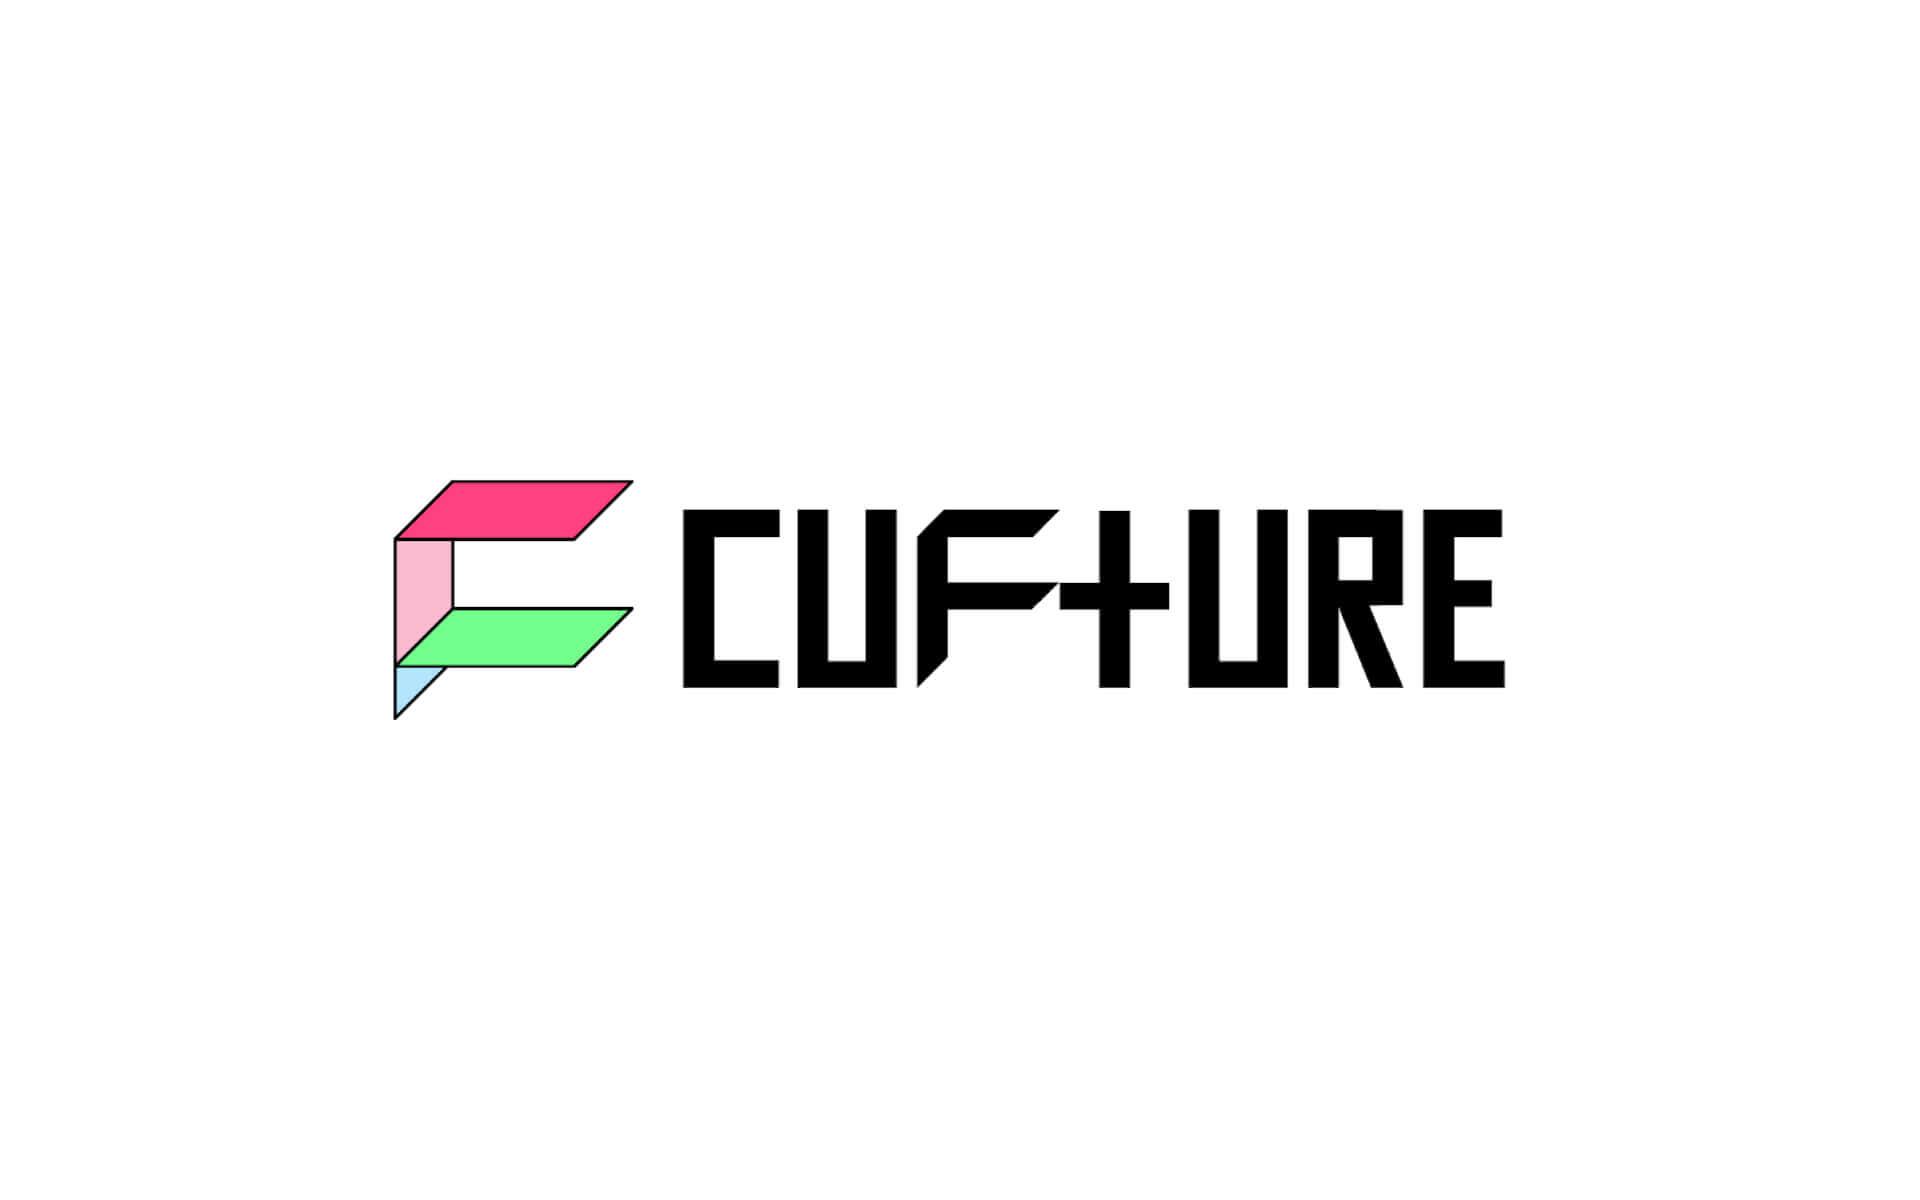 CINRAと渋谷5GエンターテイメントプロジェクトがWEBメディア「CUFtURE」を始動|初回特集にRhizomatiks齋藤精一へのインタビューも art200427_cufture_cinra_2-1920x1200